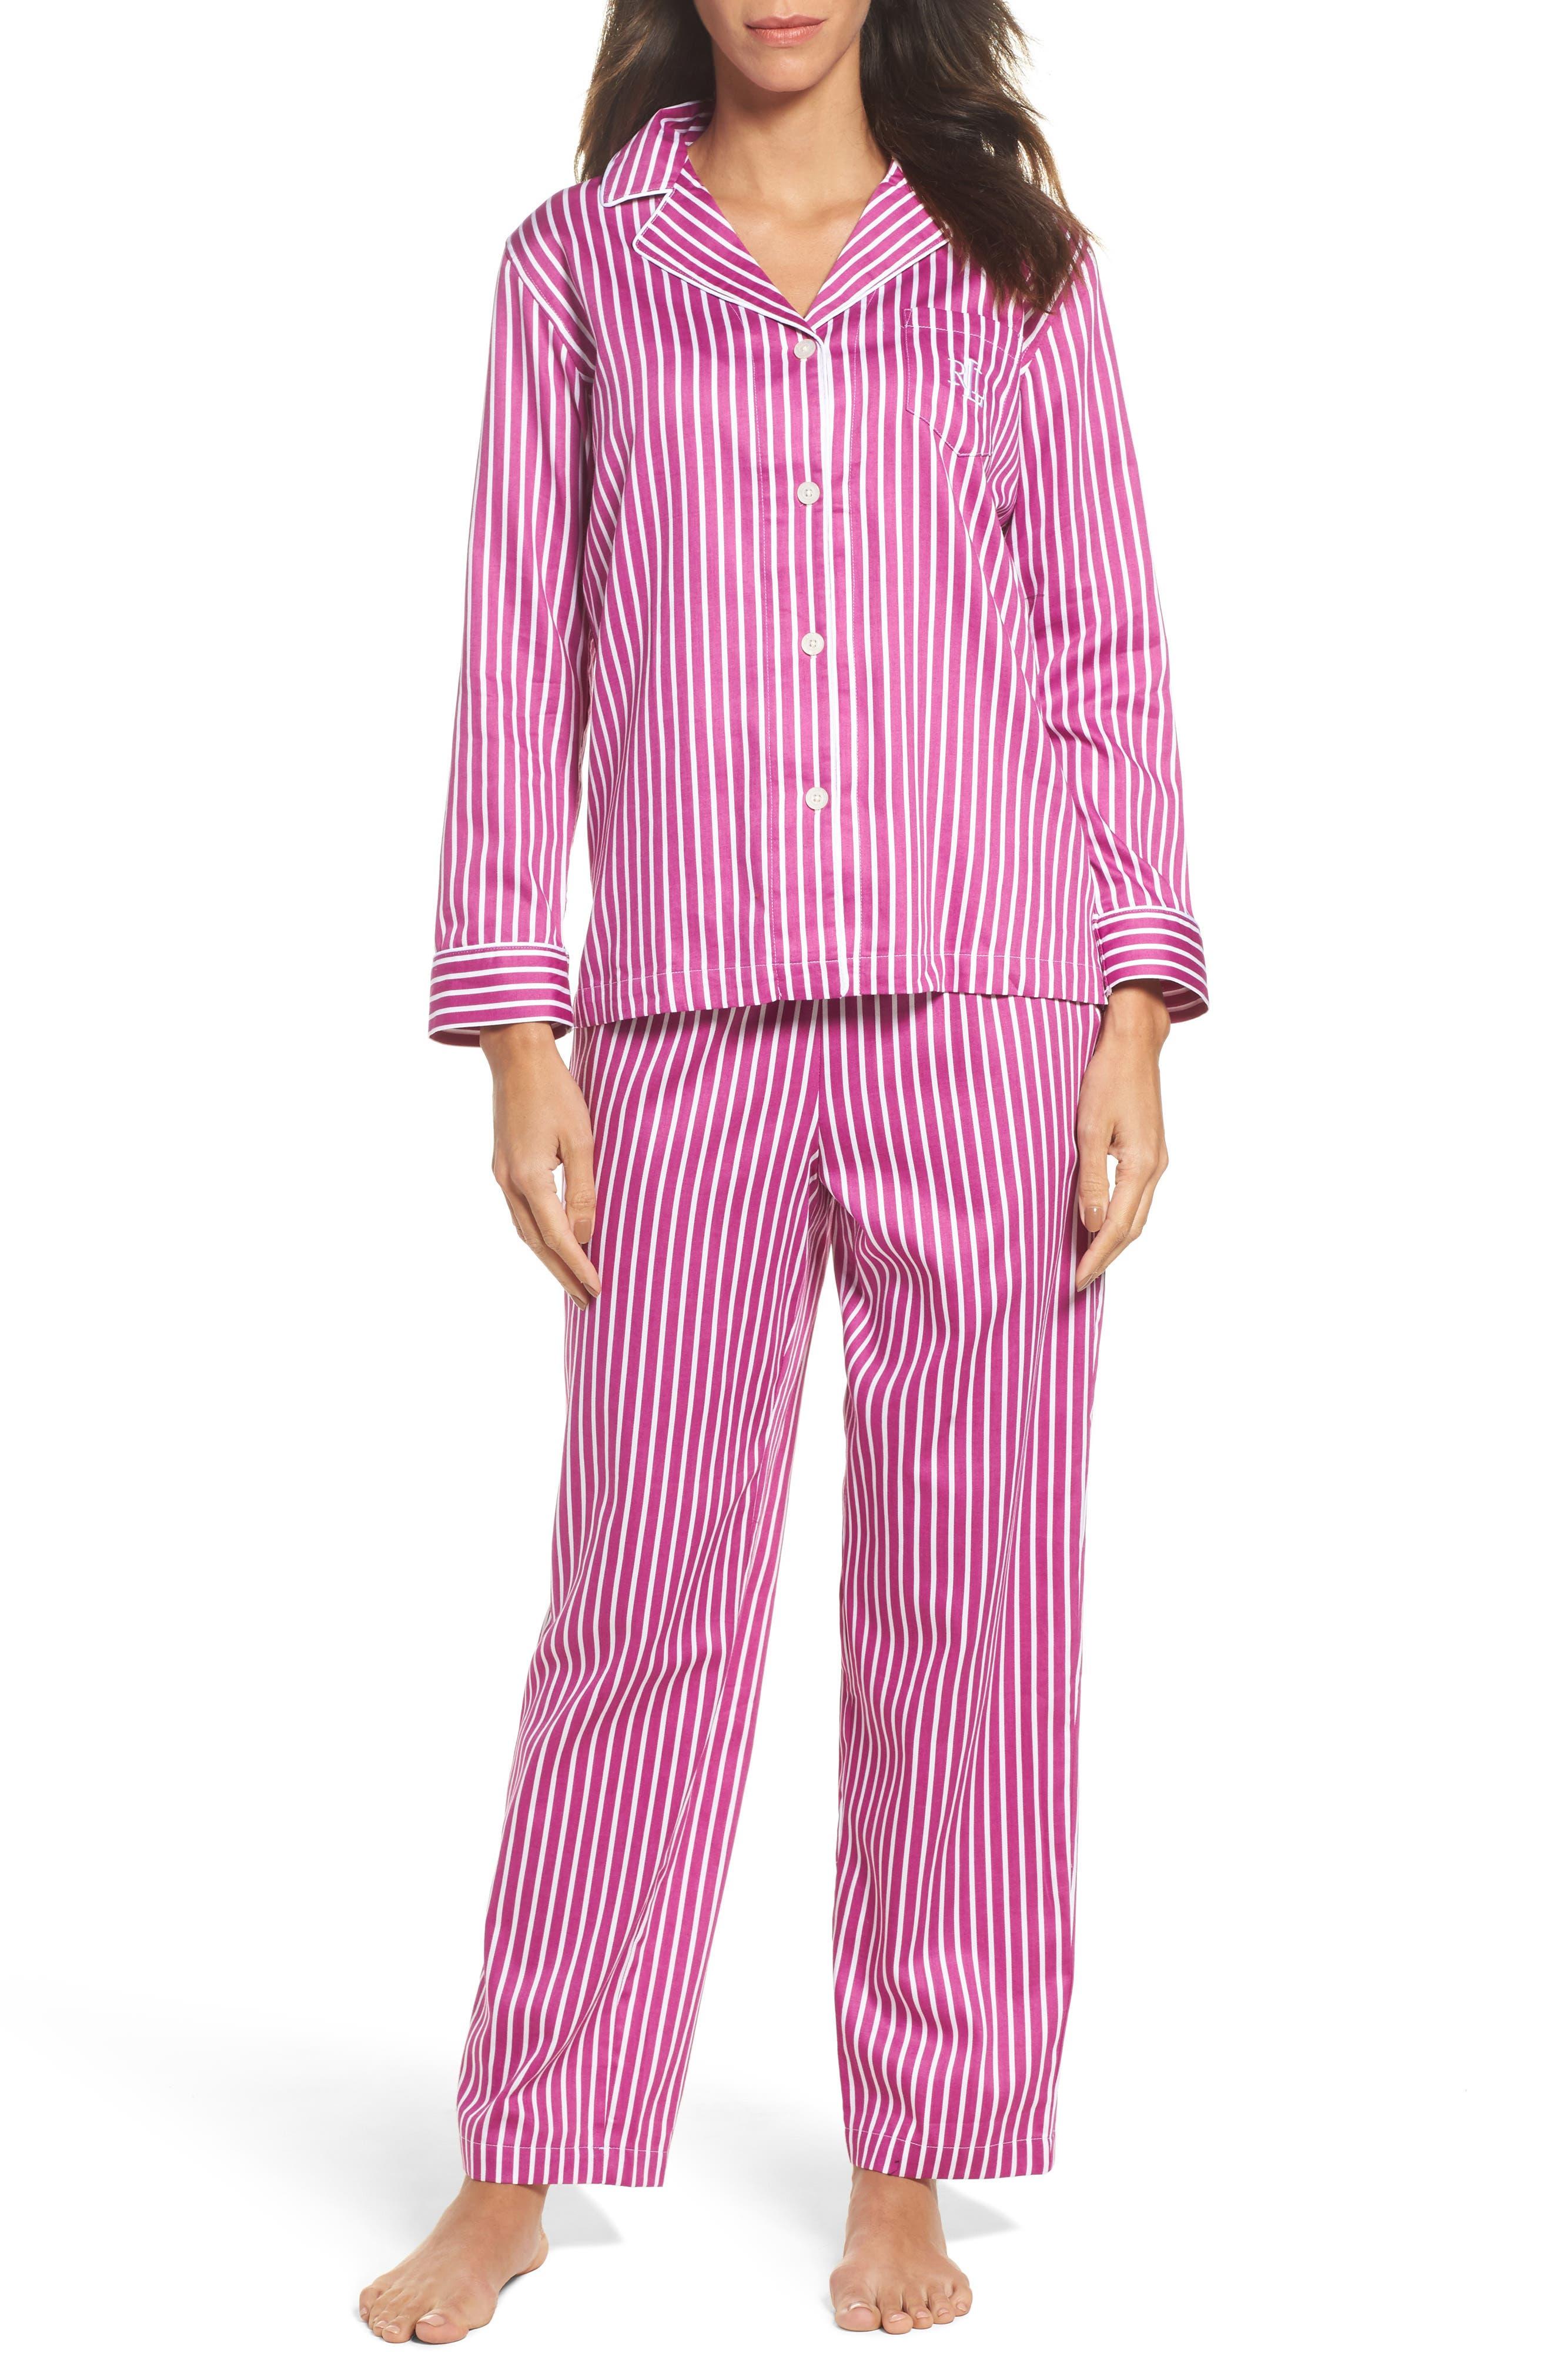 Notch Collar Pajamas,                         Main,                         color, Pink/ White Stripe